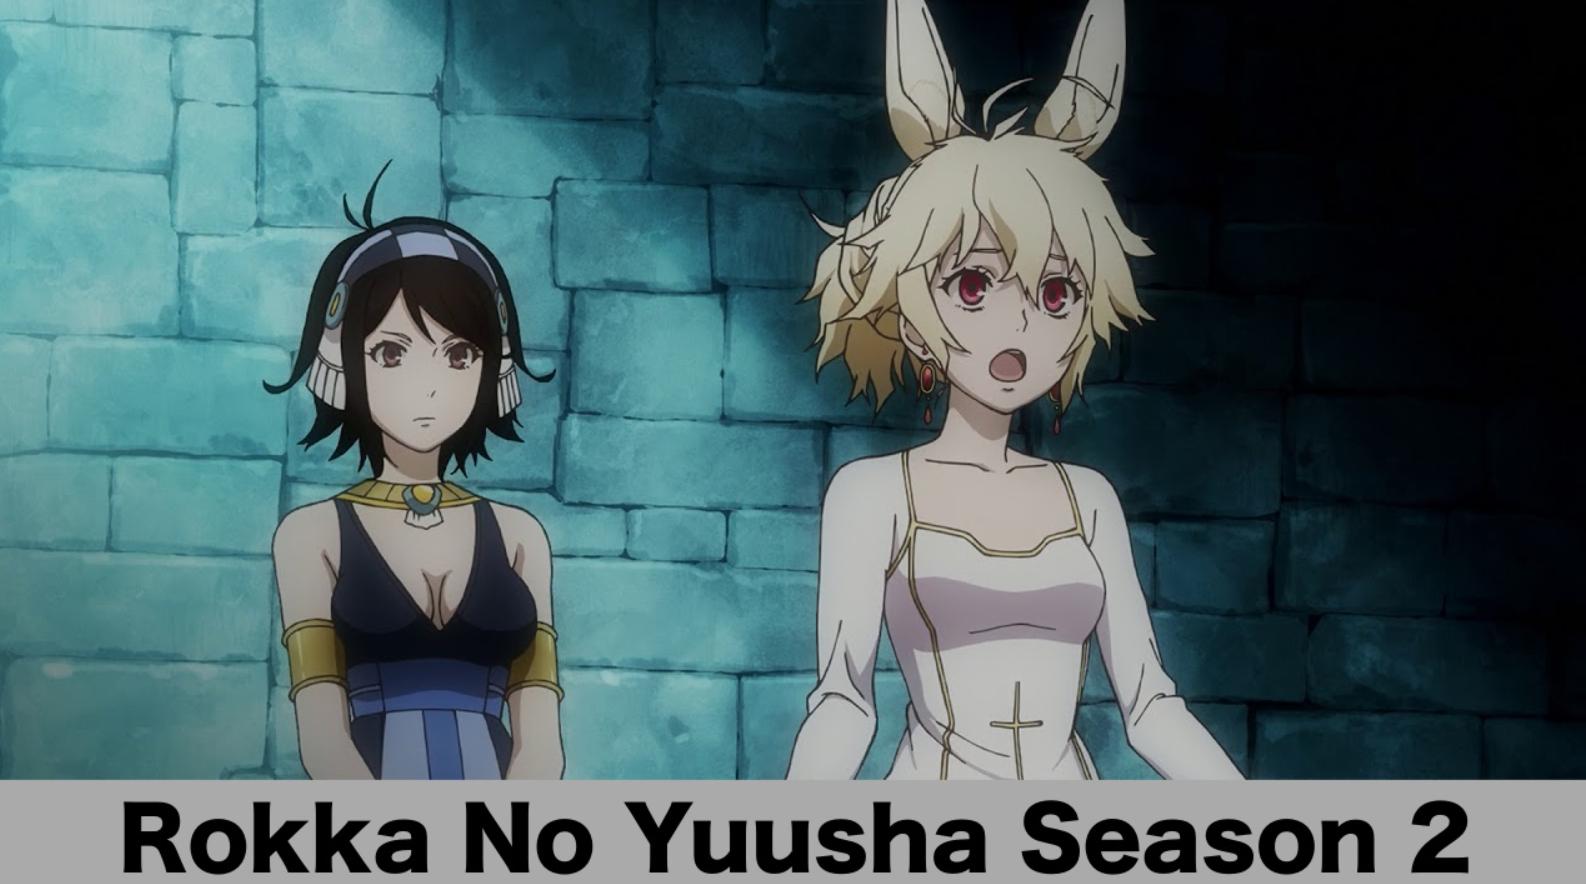 rokka no yuusha season 2